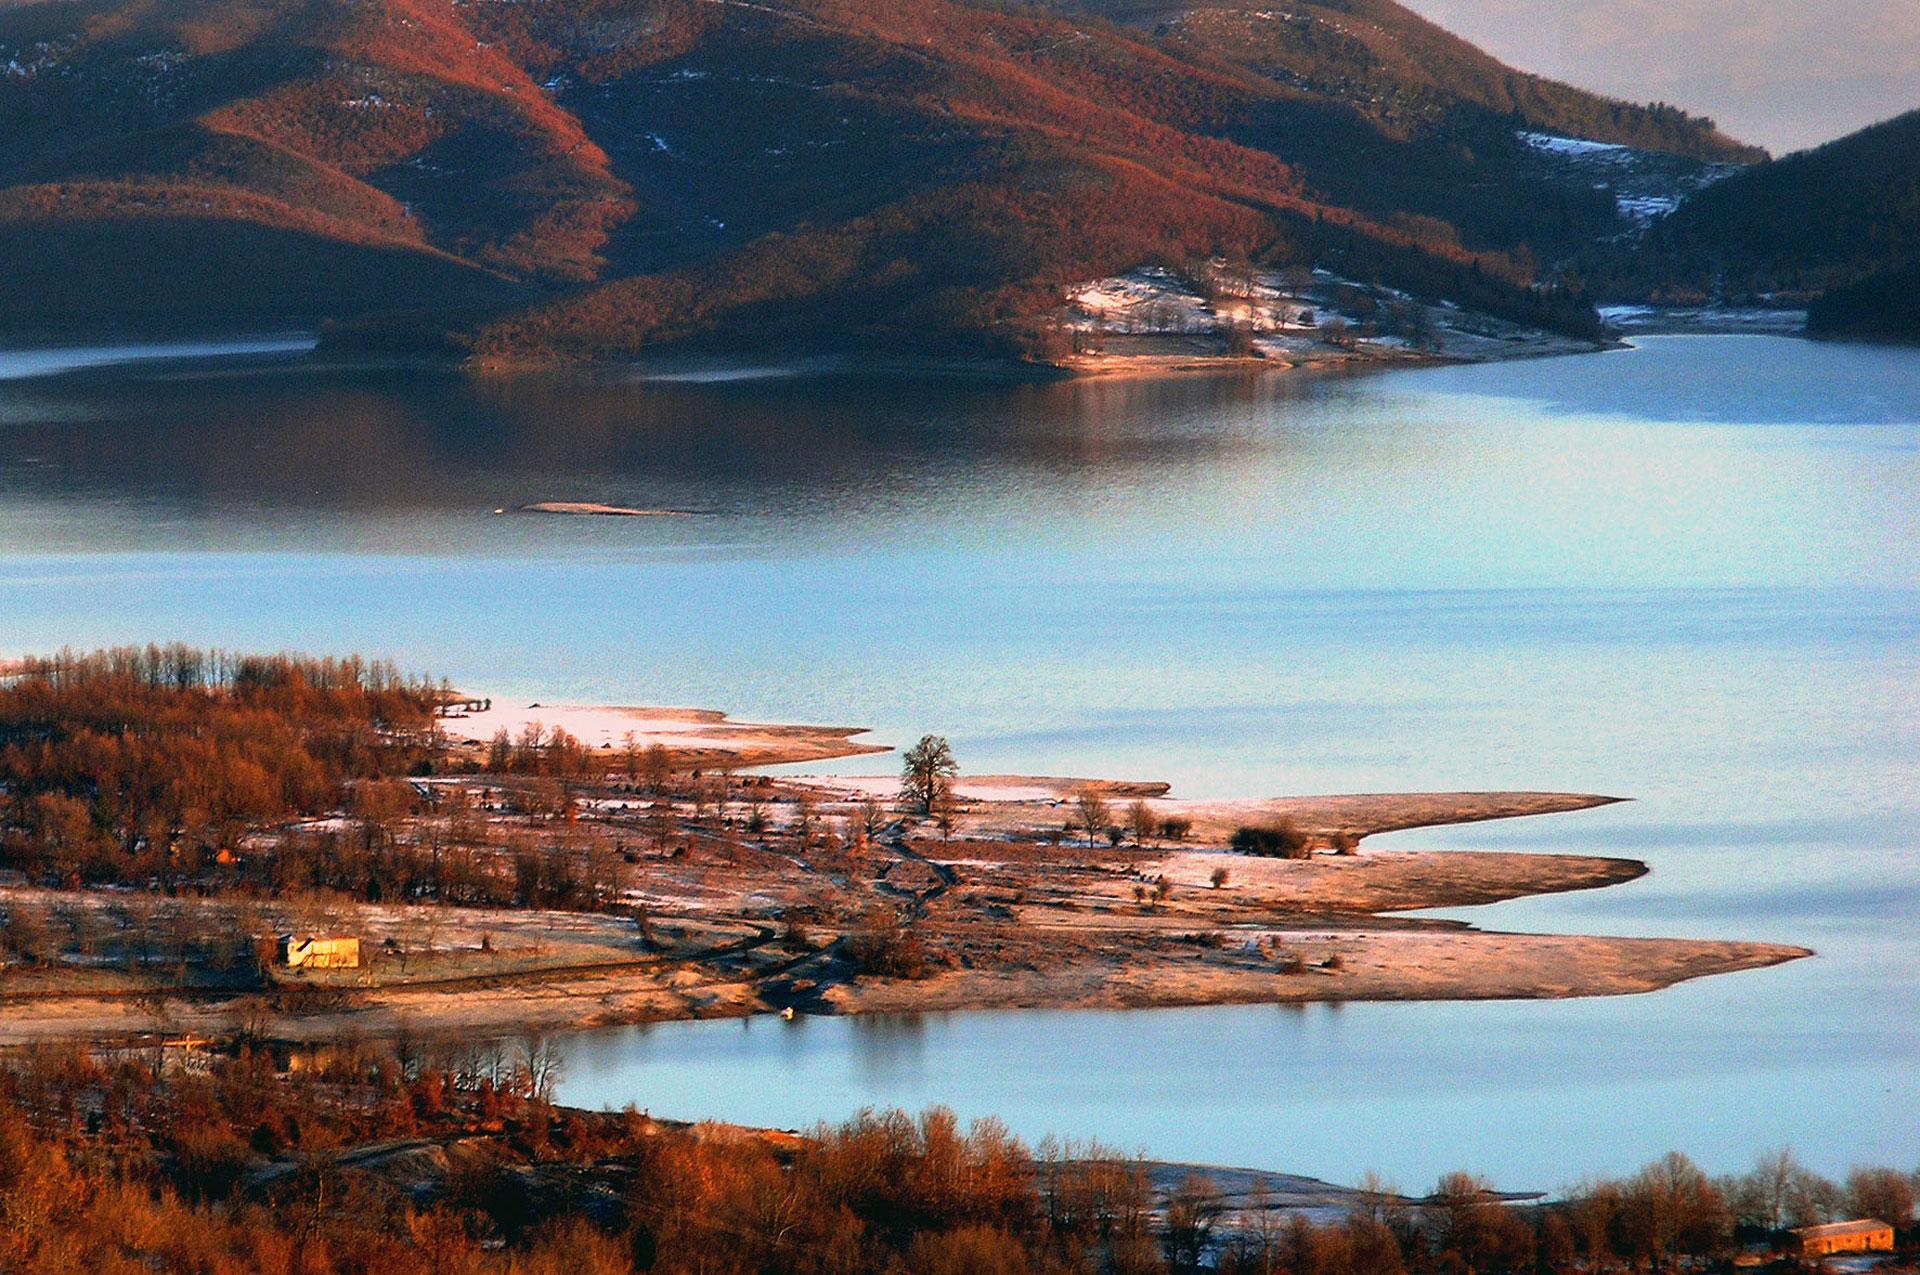 Ημερήσια εκδρομή στη λίμνη Πλαστήρα - Φράγμα Μέγδοβα